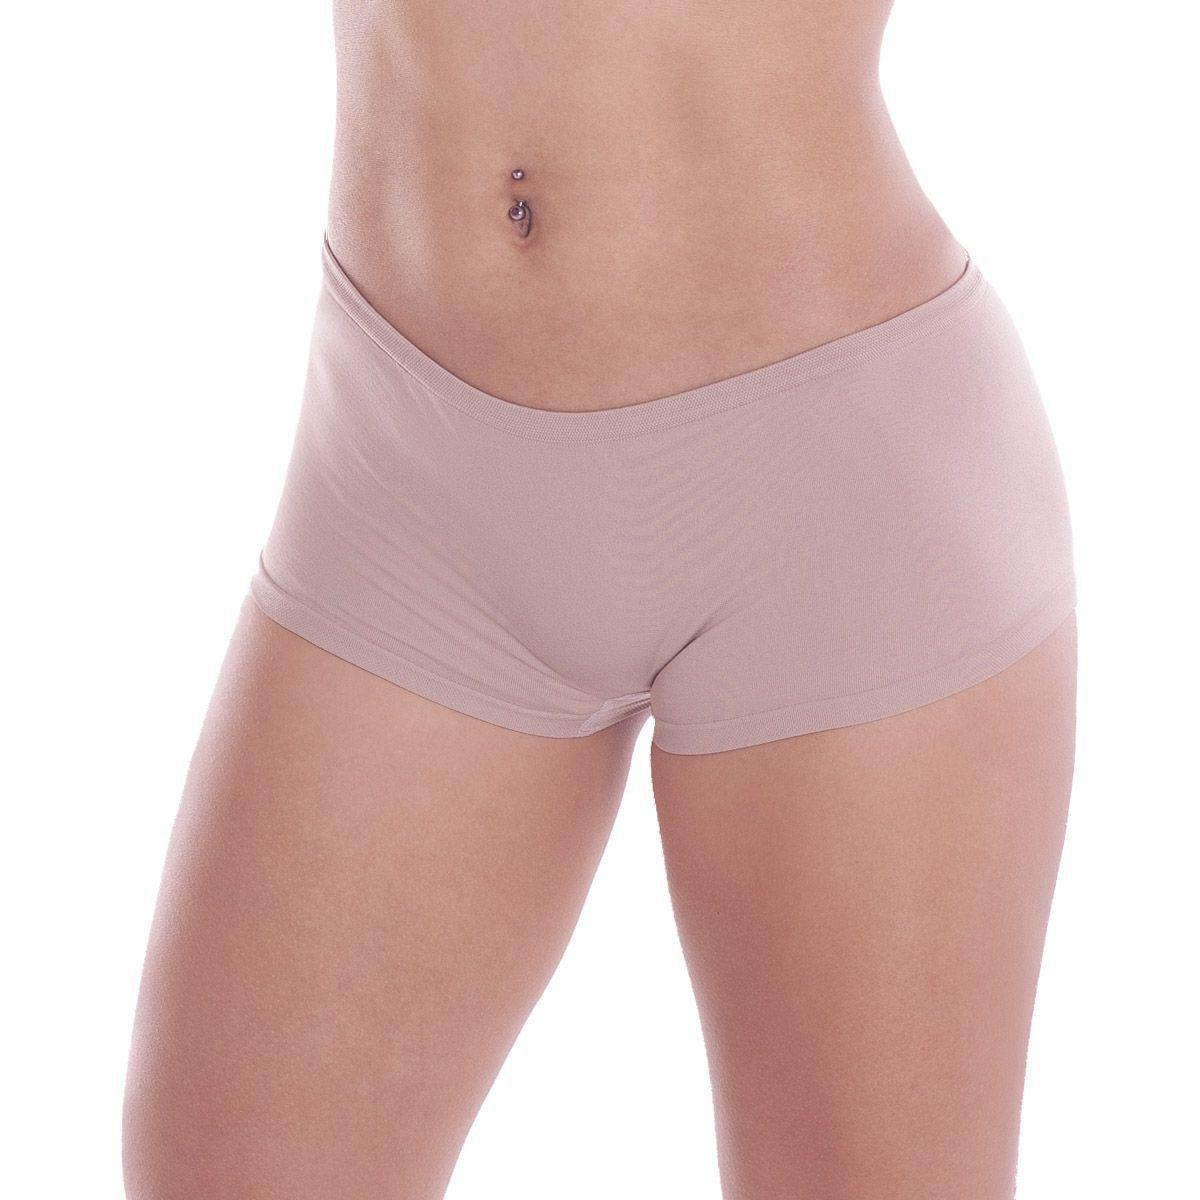 Calcinha Short Boy Sem Costura Microfibra - Trifil 03900